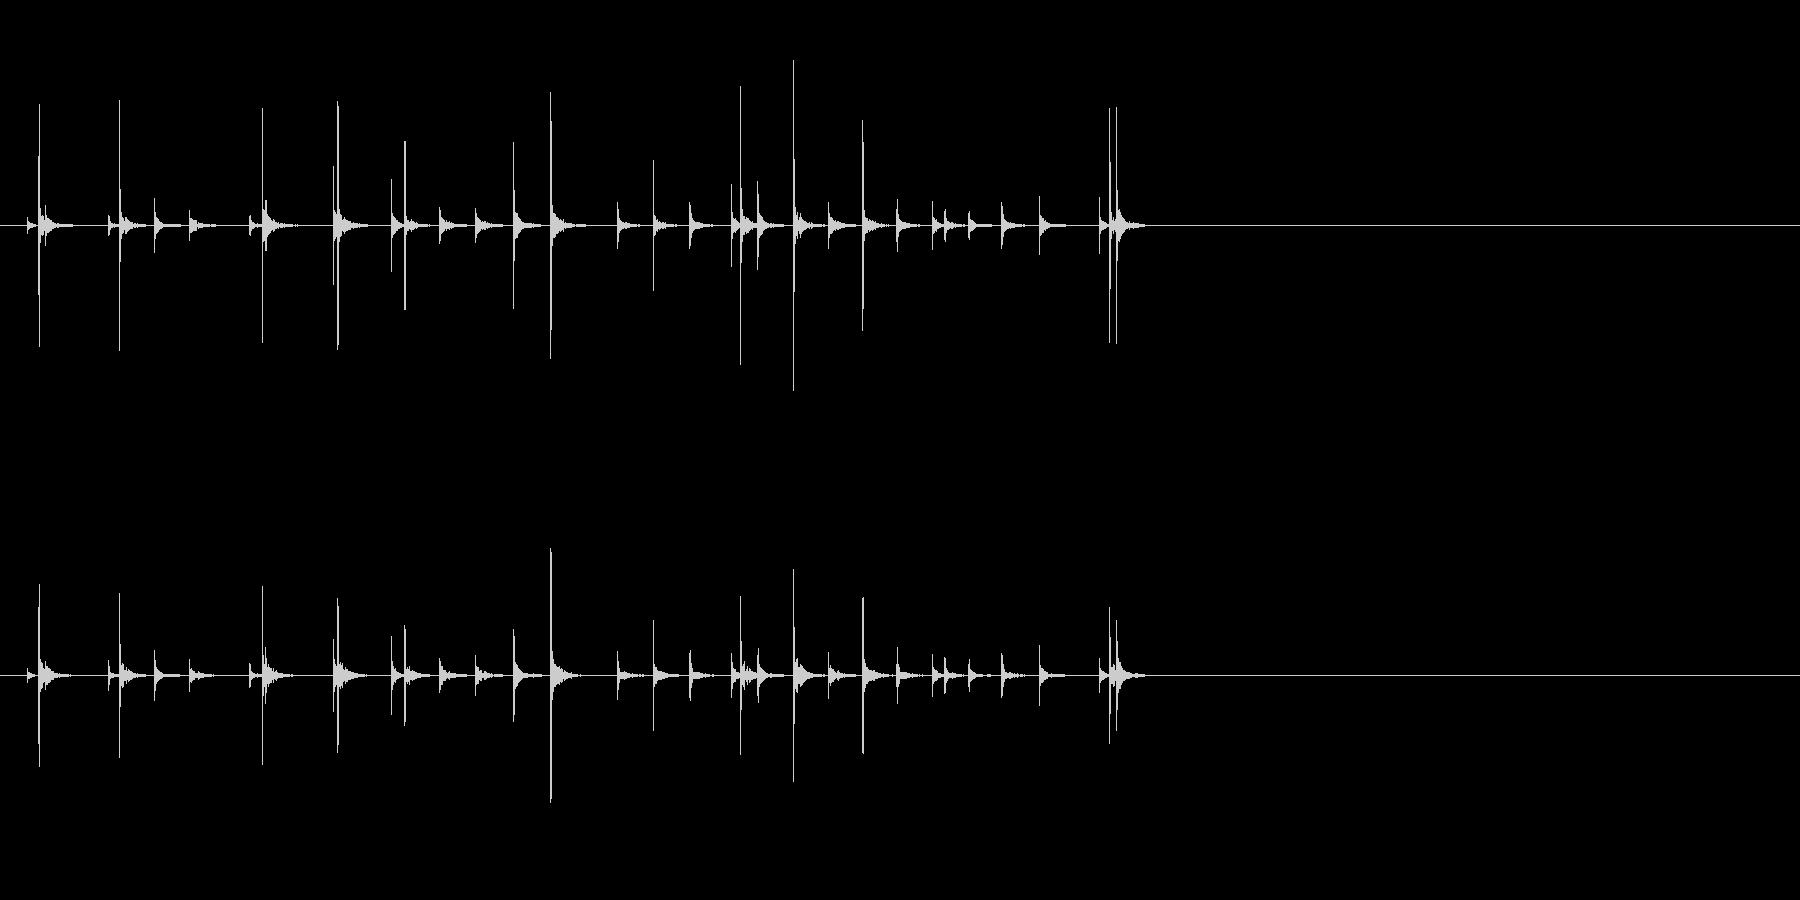 小木魚木章7歌舞伎黒御簾下座音楽和風日本の未再生の波形